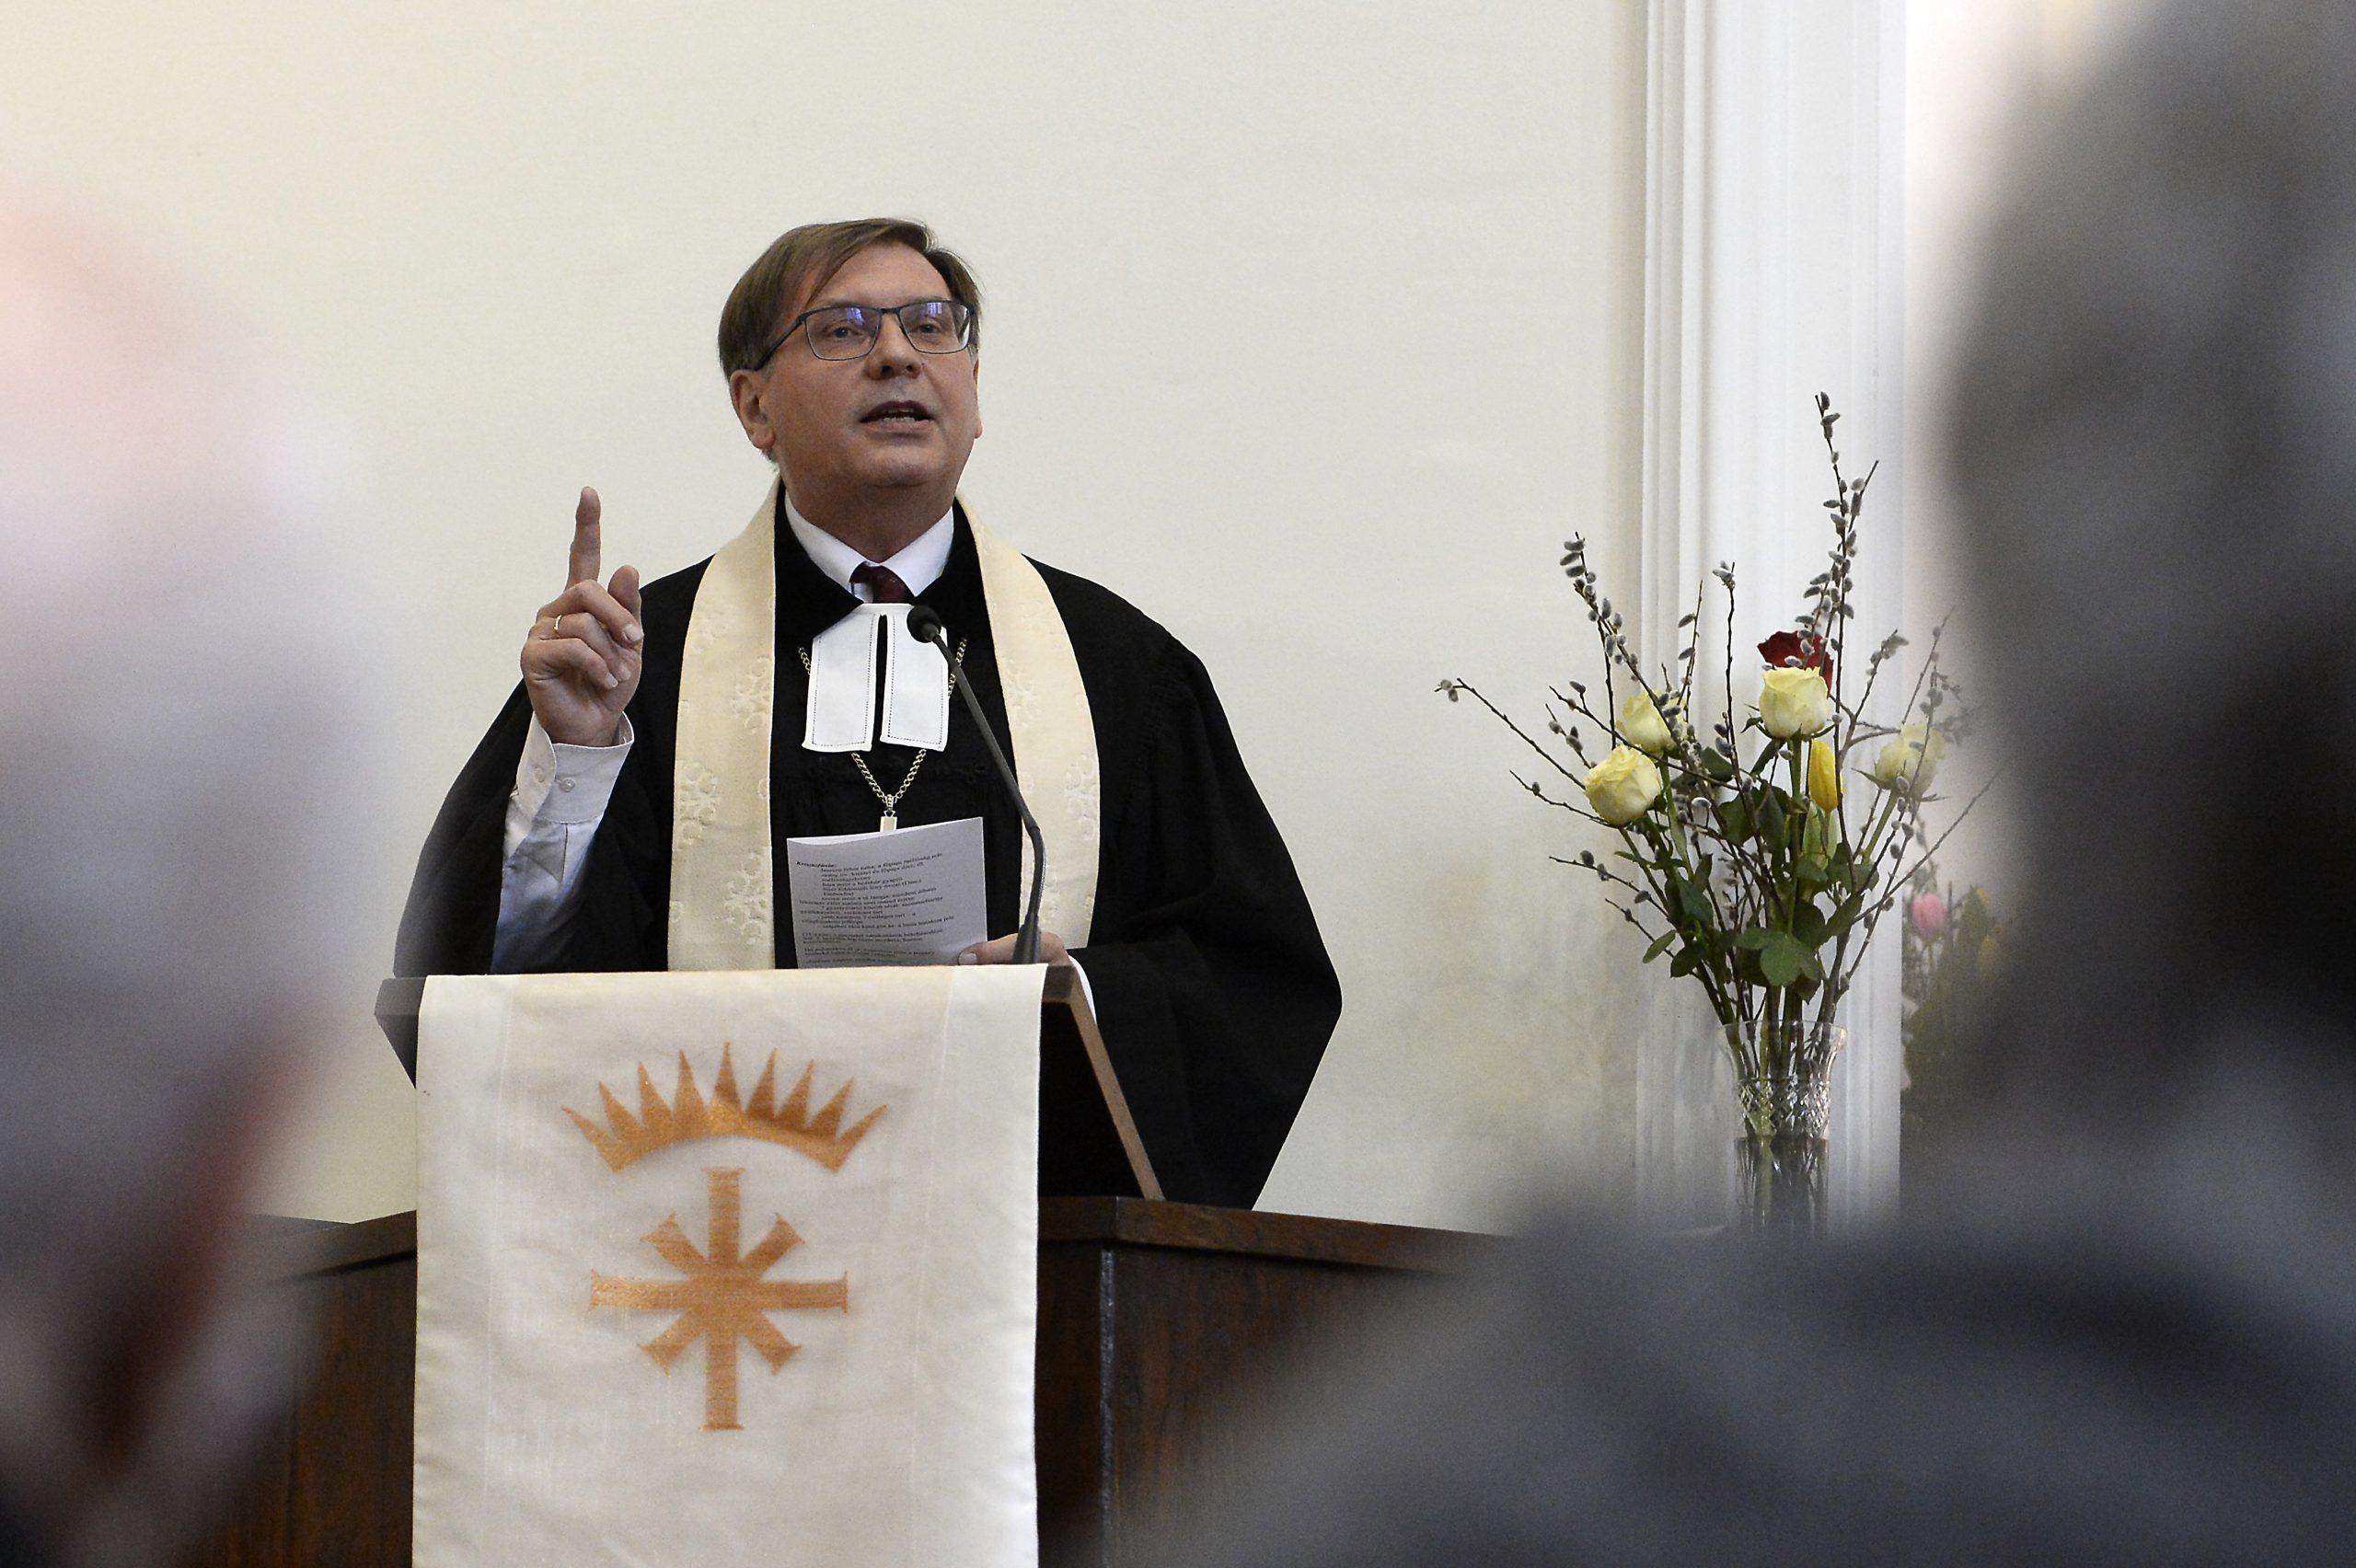 Bischof Fabiny: